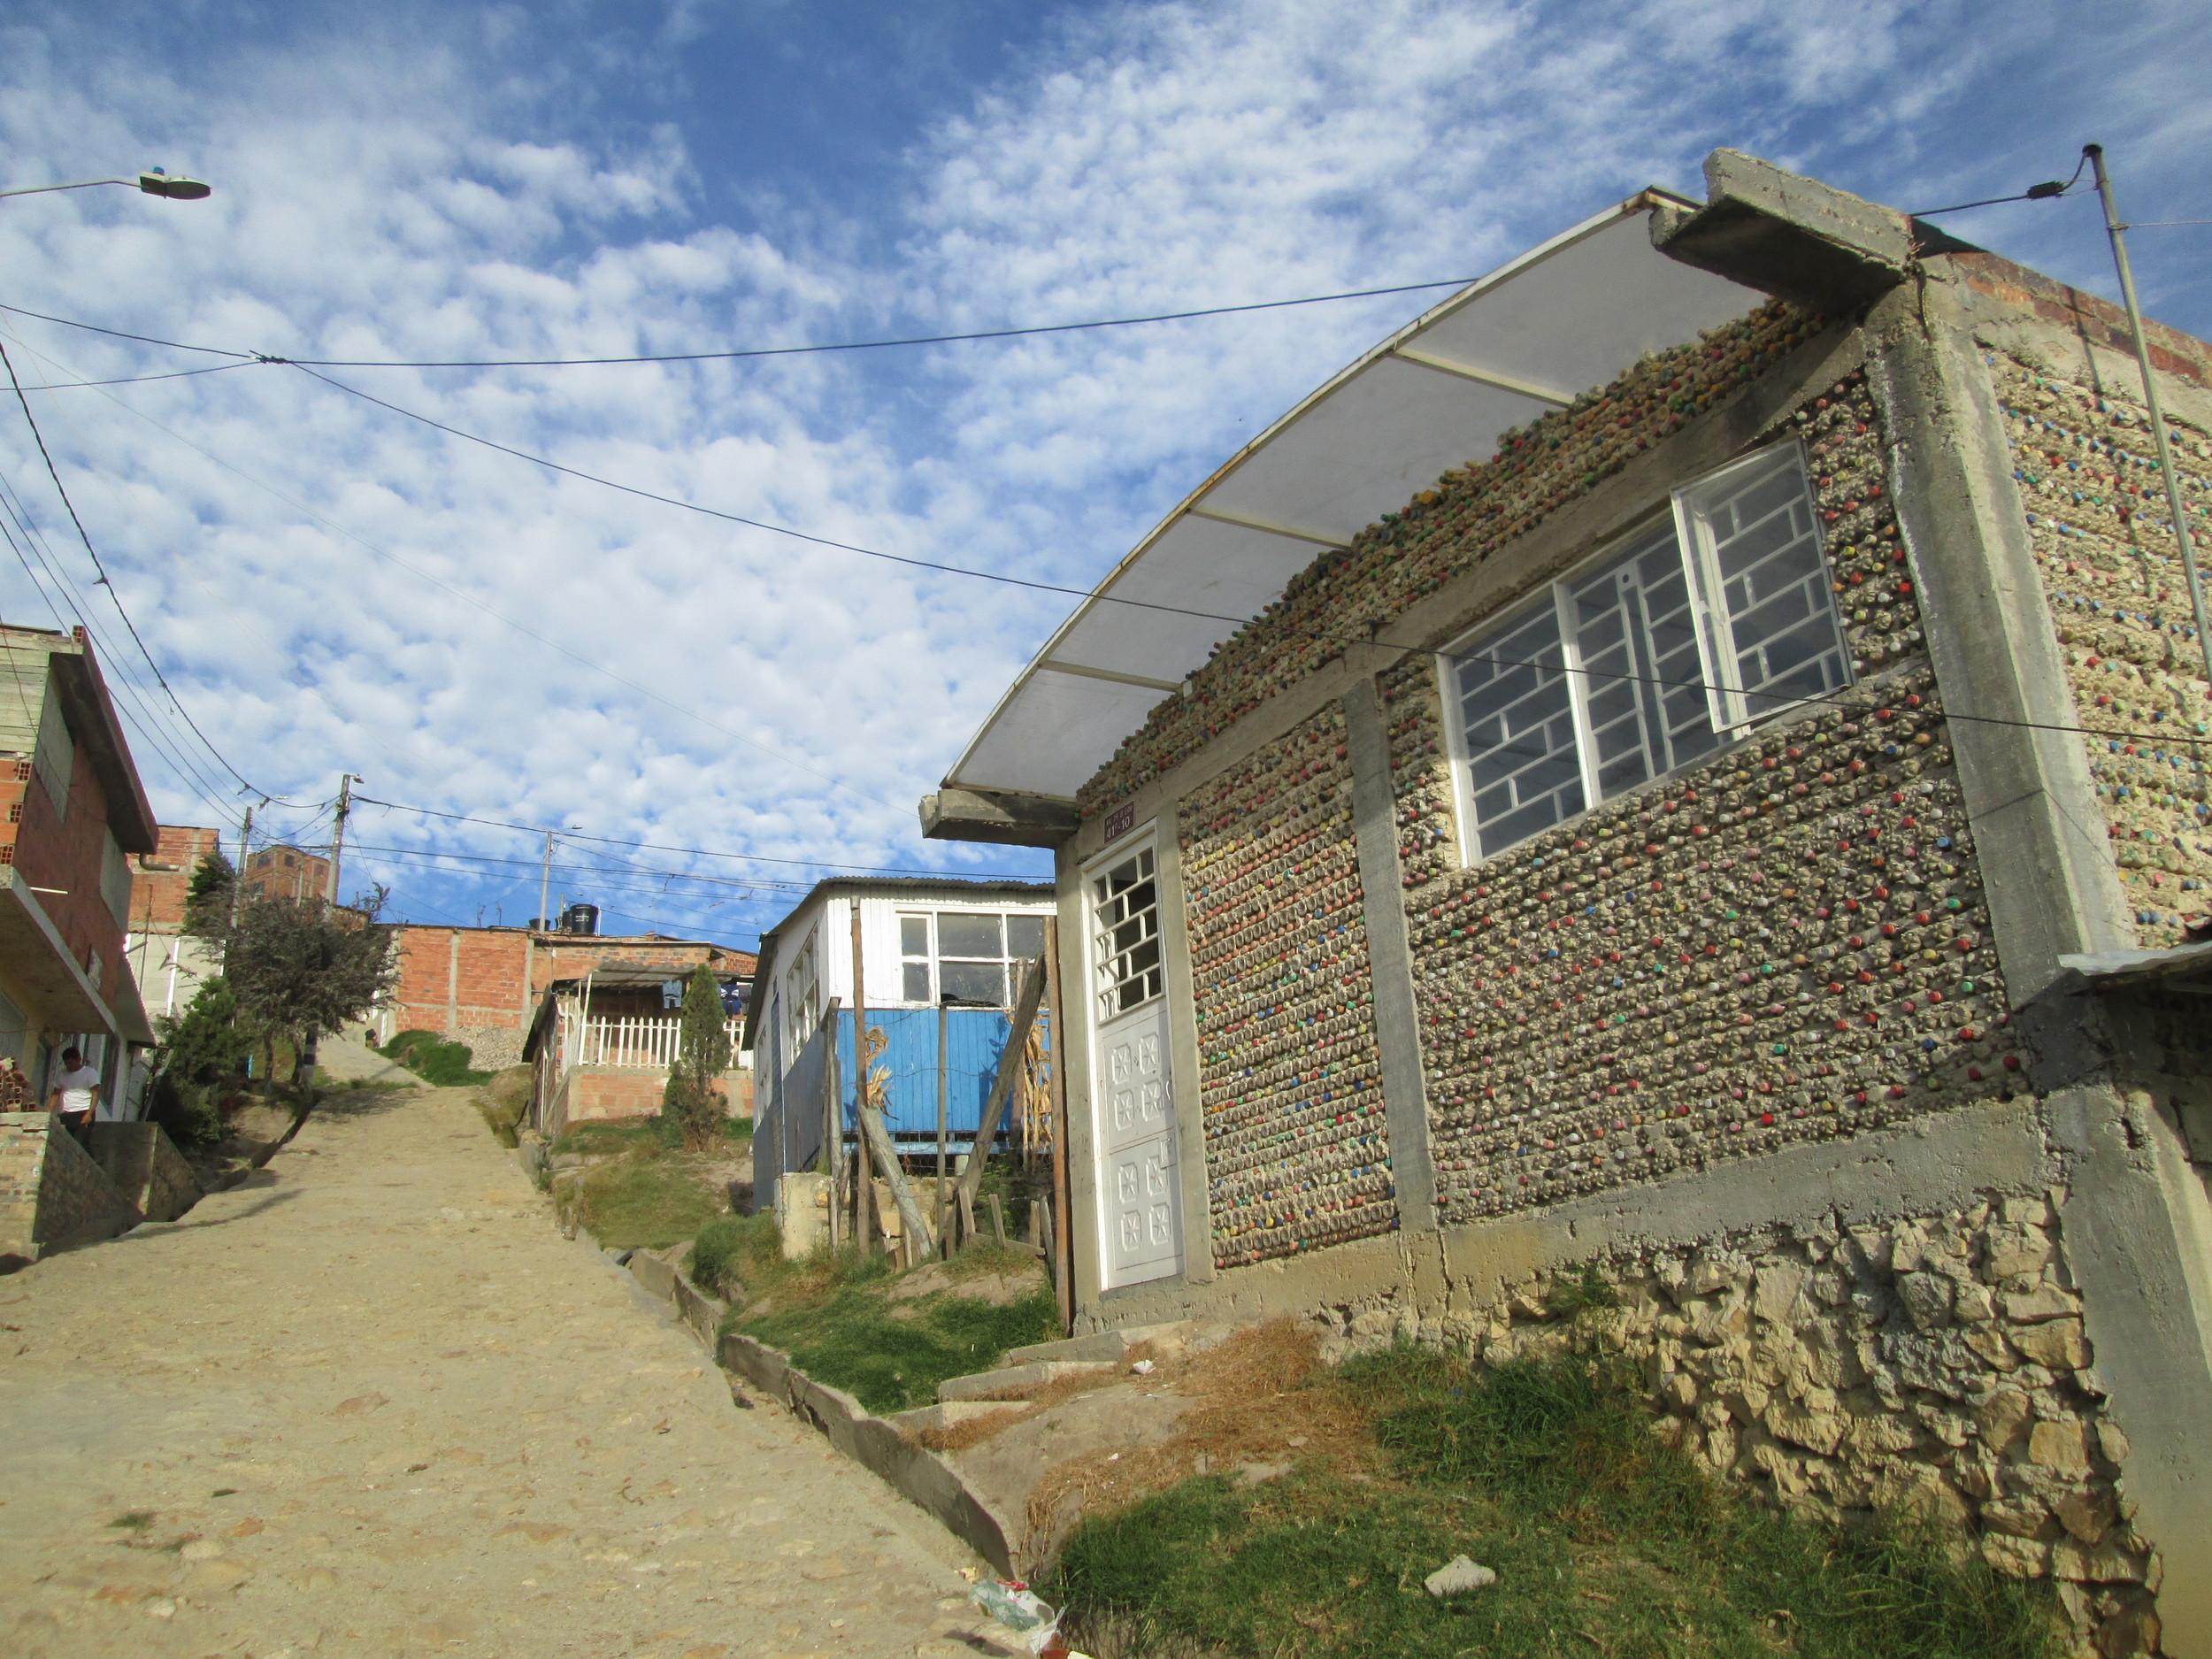 Nukanti's community center in Cazucá, on the outskirts of Bogotá.